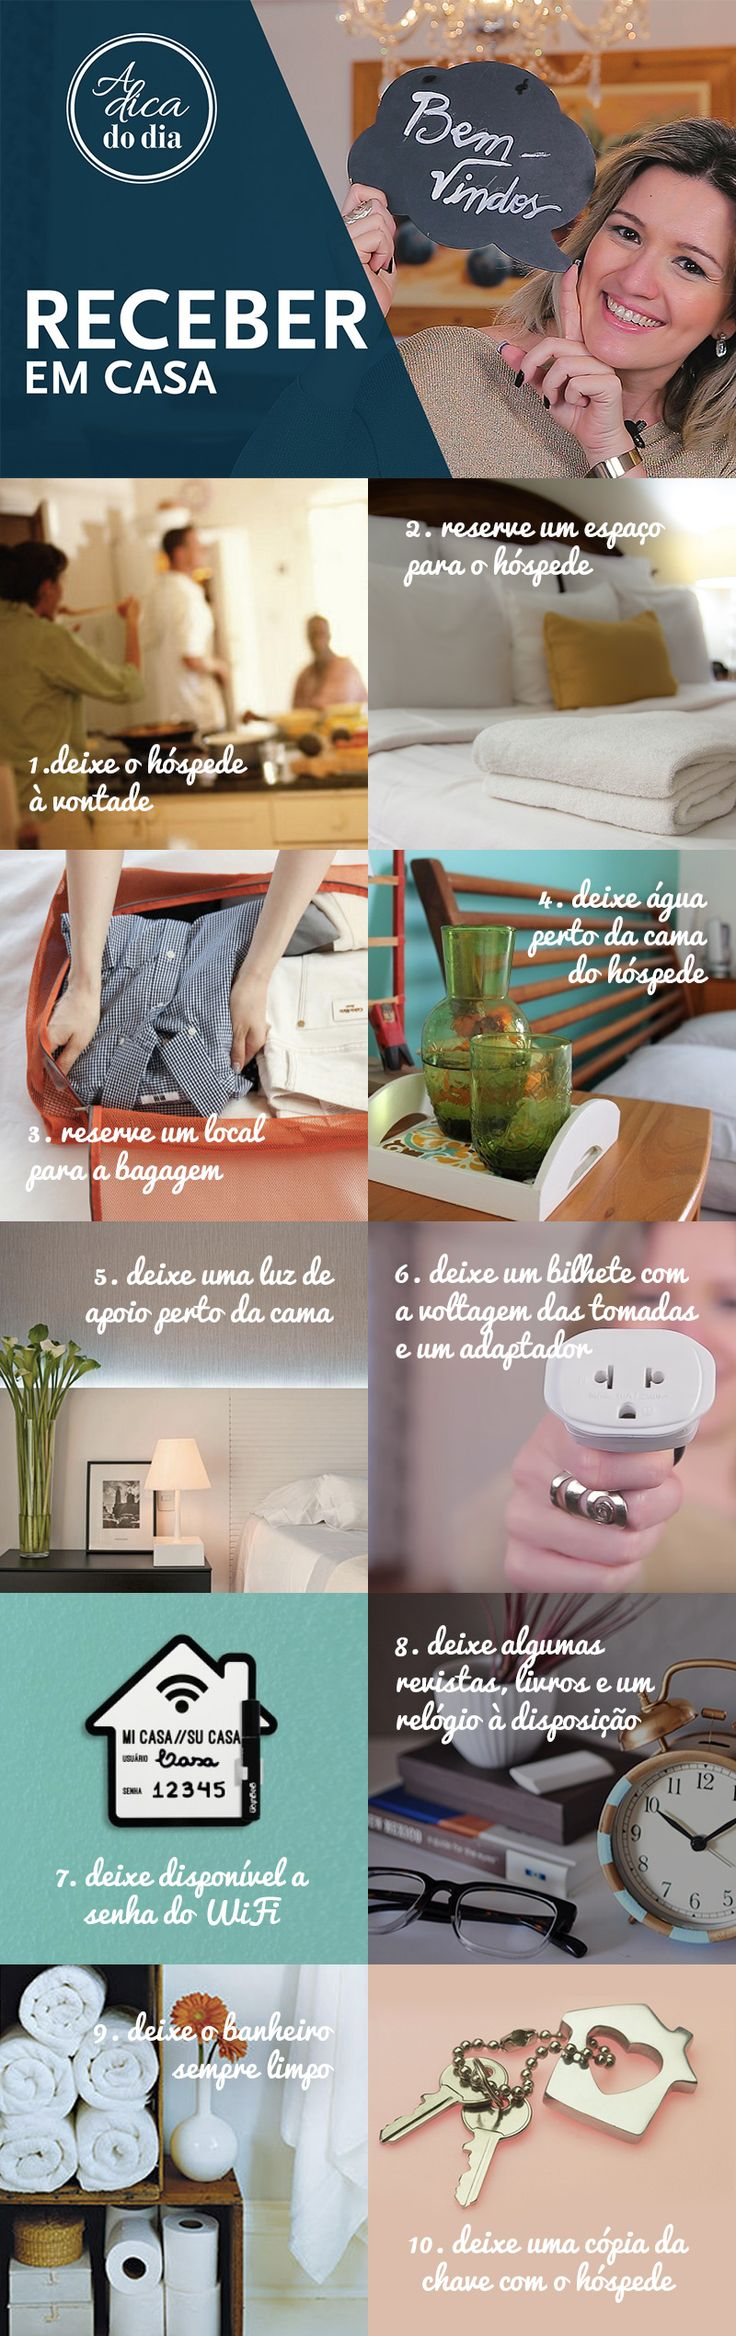 Hóspede em casa: onde e como acomodar? Receber é uma arte, por isso separamos 10 dicas práticas e muito simples que ajudam você a receber visitas para dormir, além de facilitar a tarefa de receber hóspedes em casa #ADICADODIA